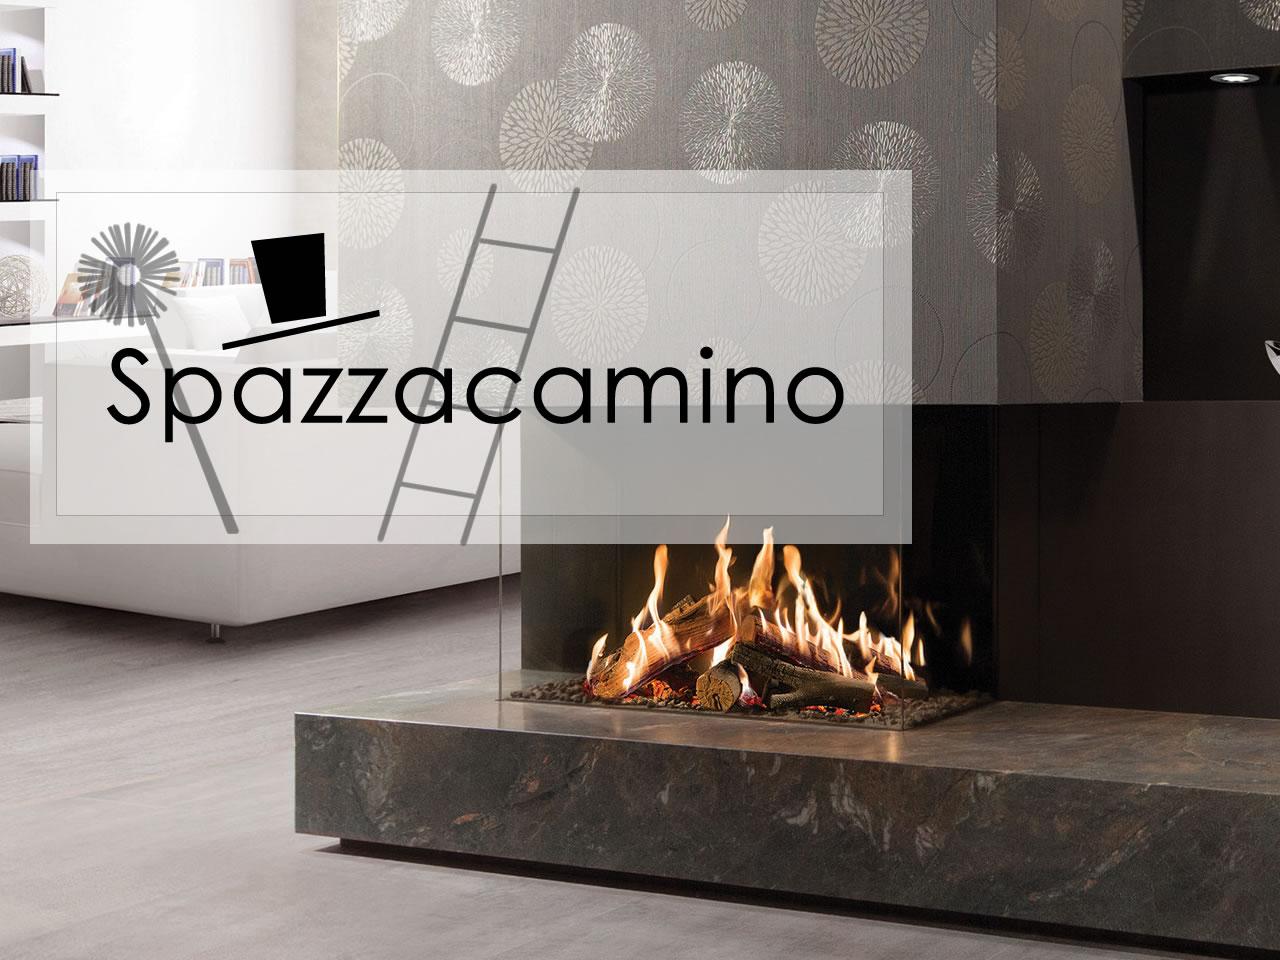 Bruzzano Milano - Spazzacamino Canna Fumaria a Bruzzano Milano